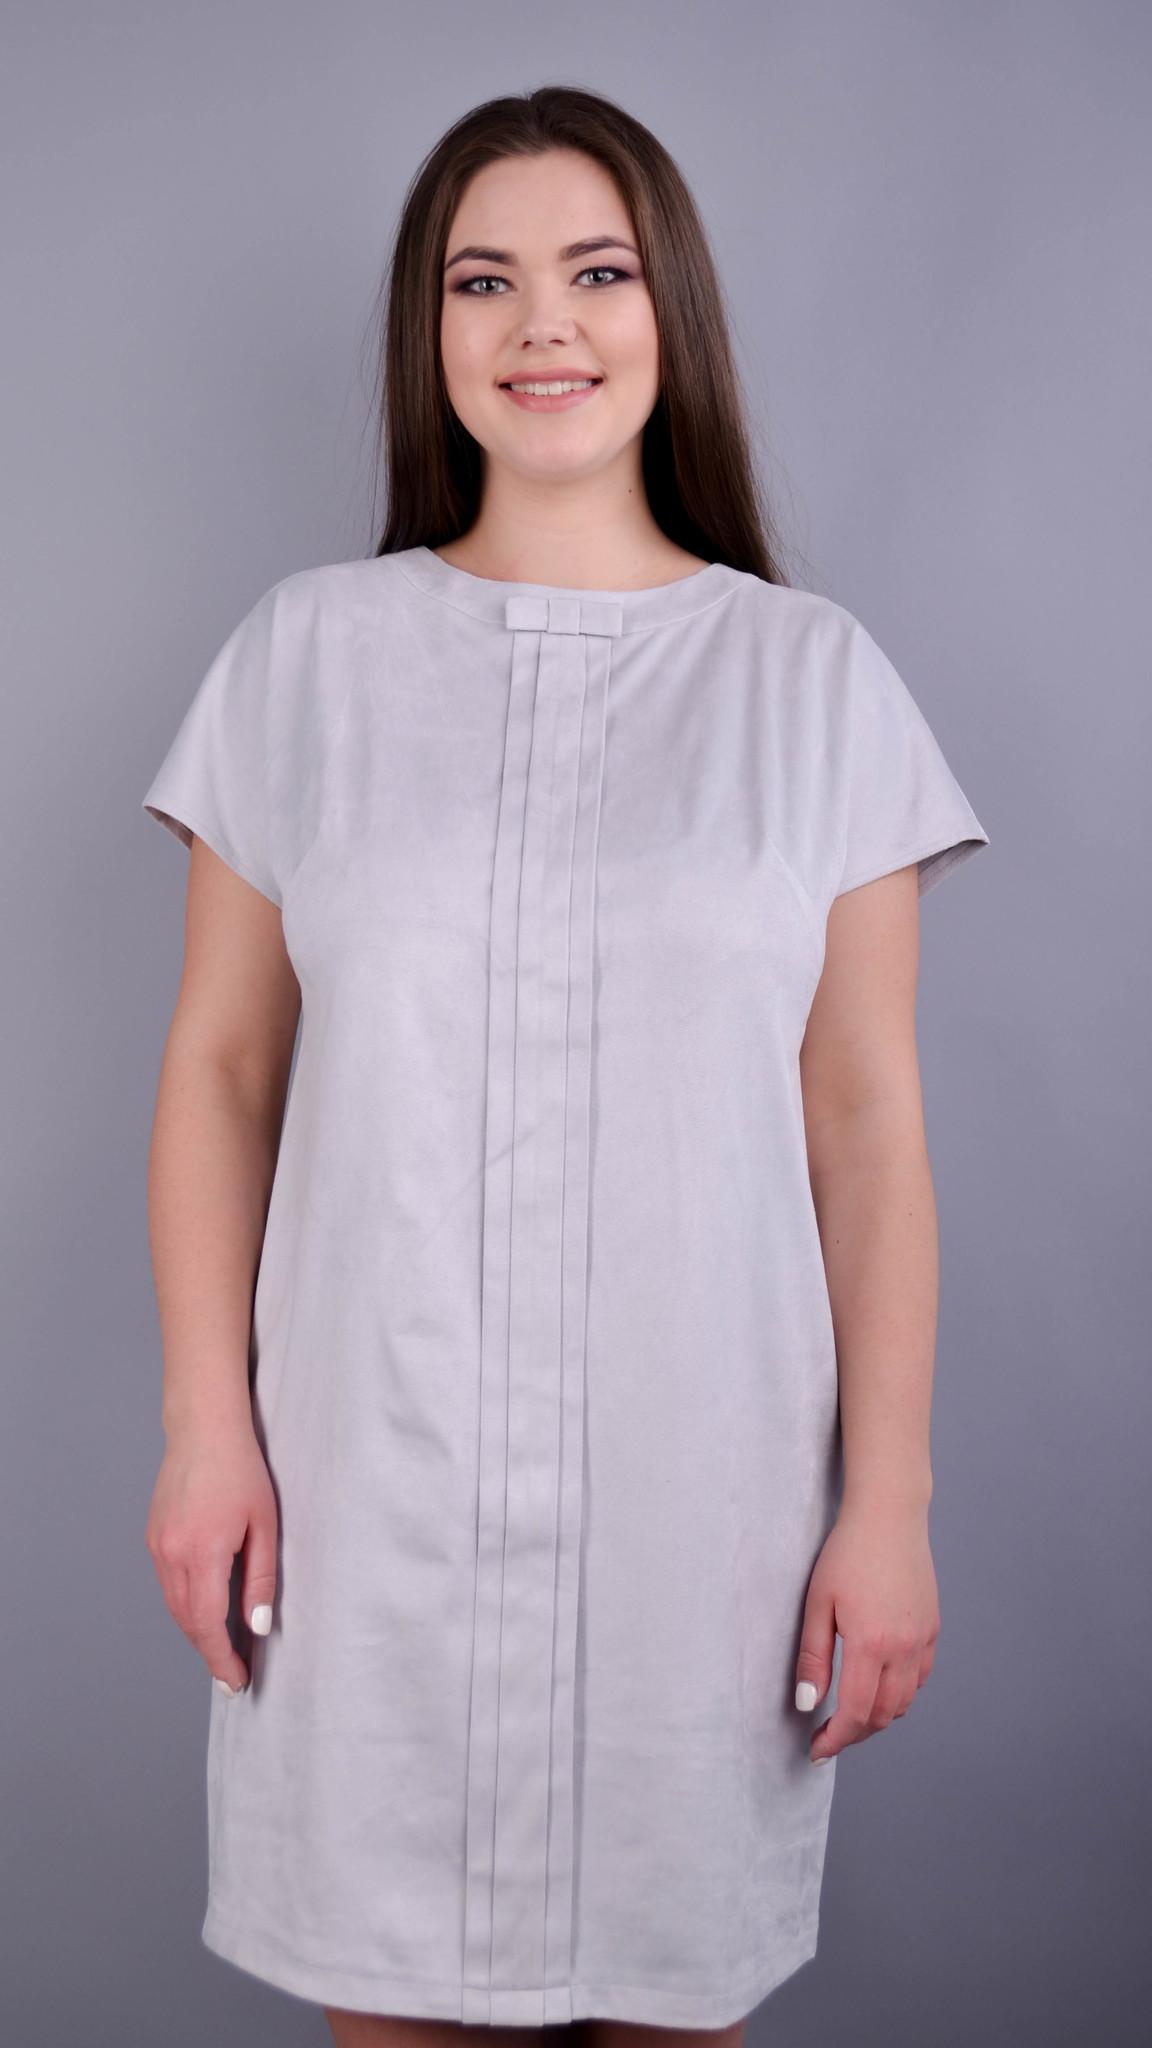 Варвара. Вишукана сукня для жінок плюс сайз. Сірий.